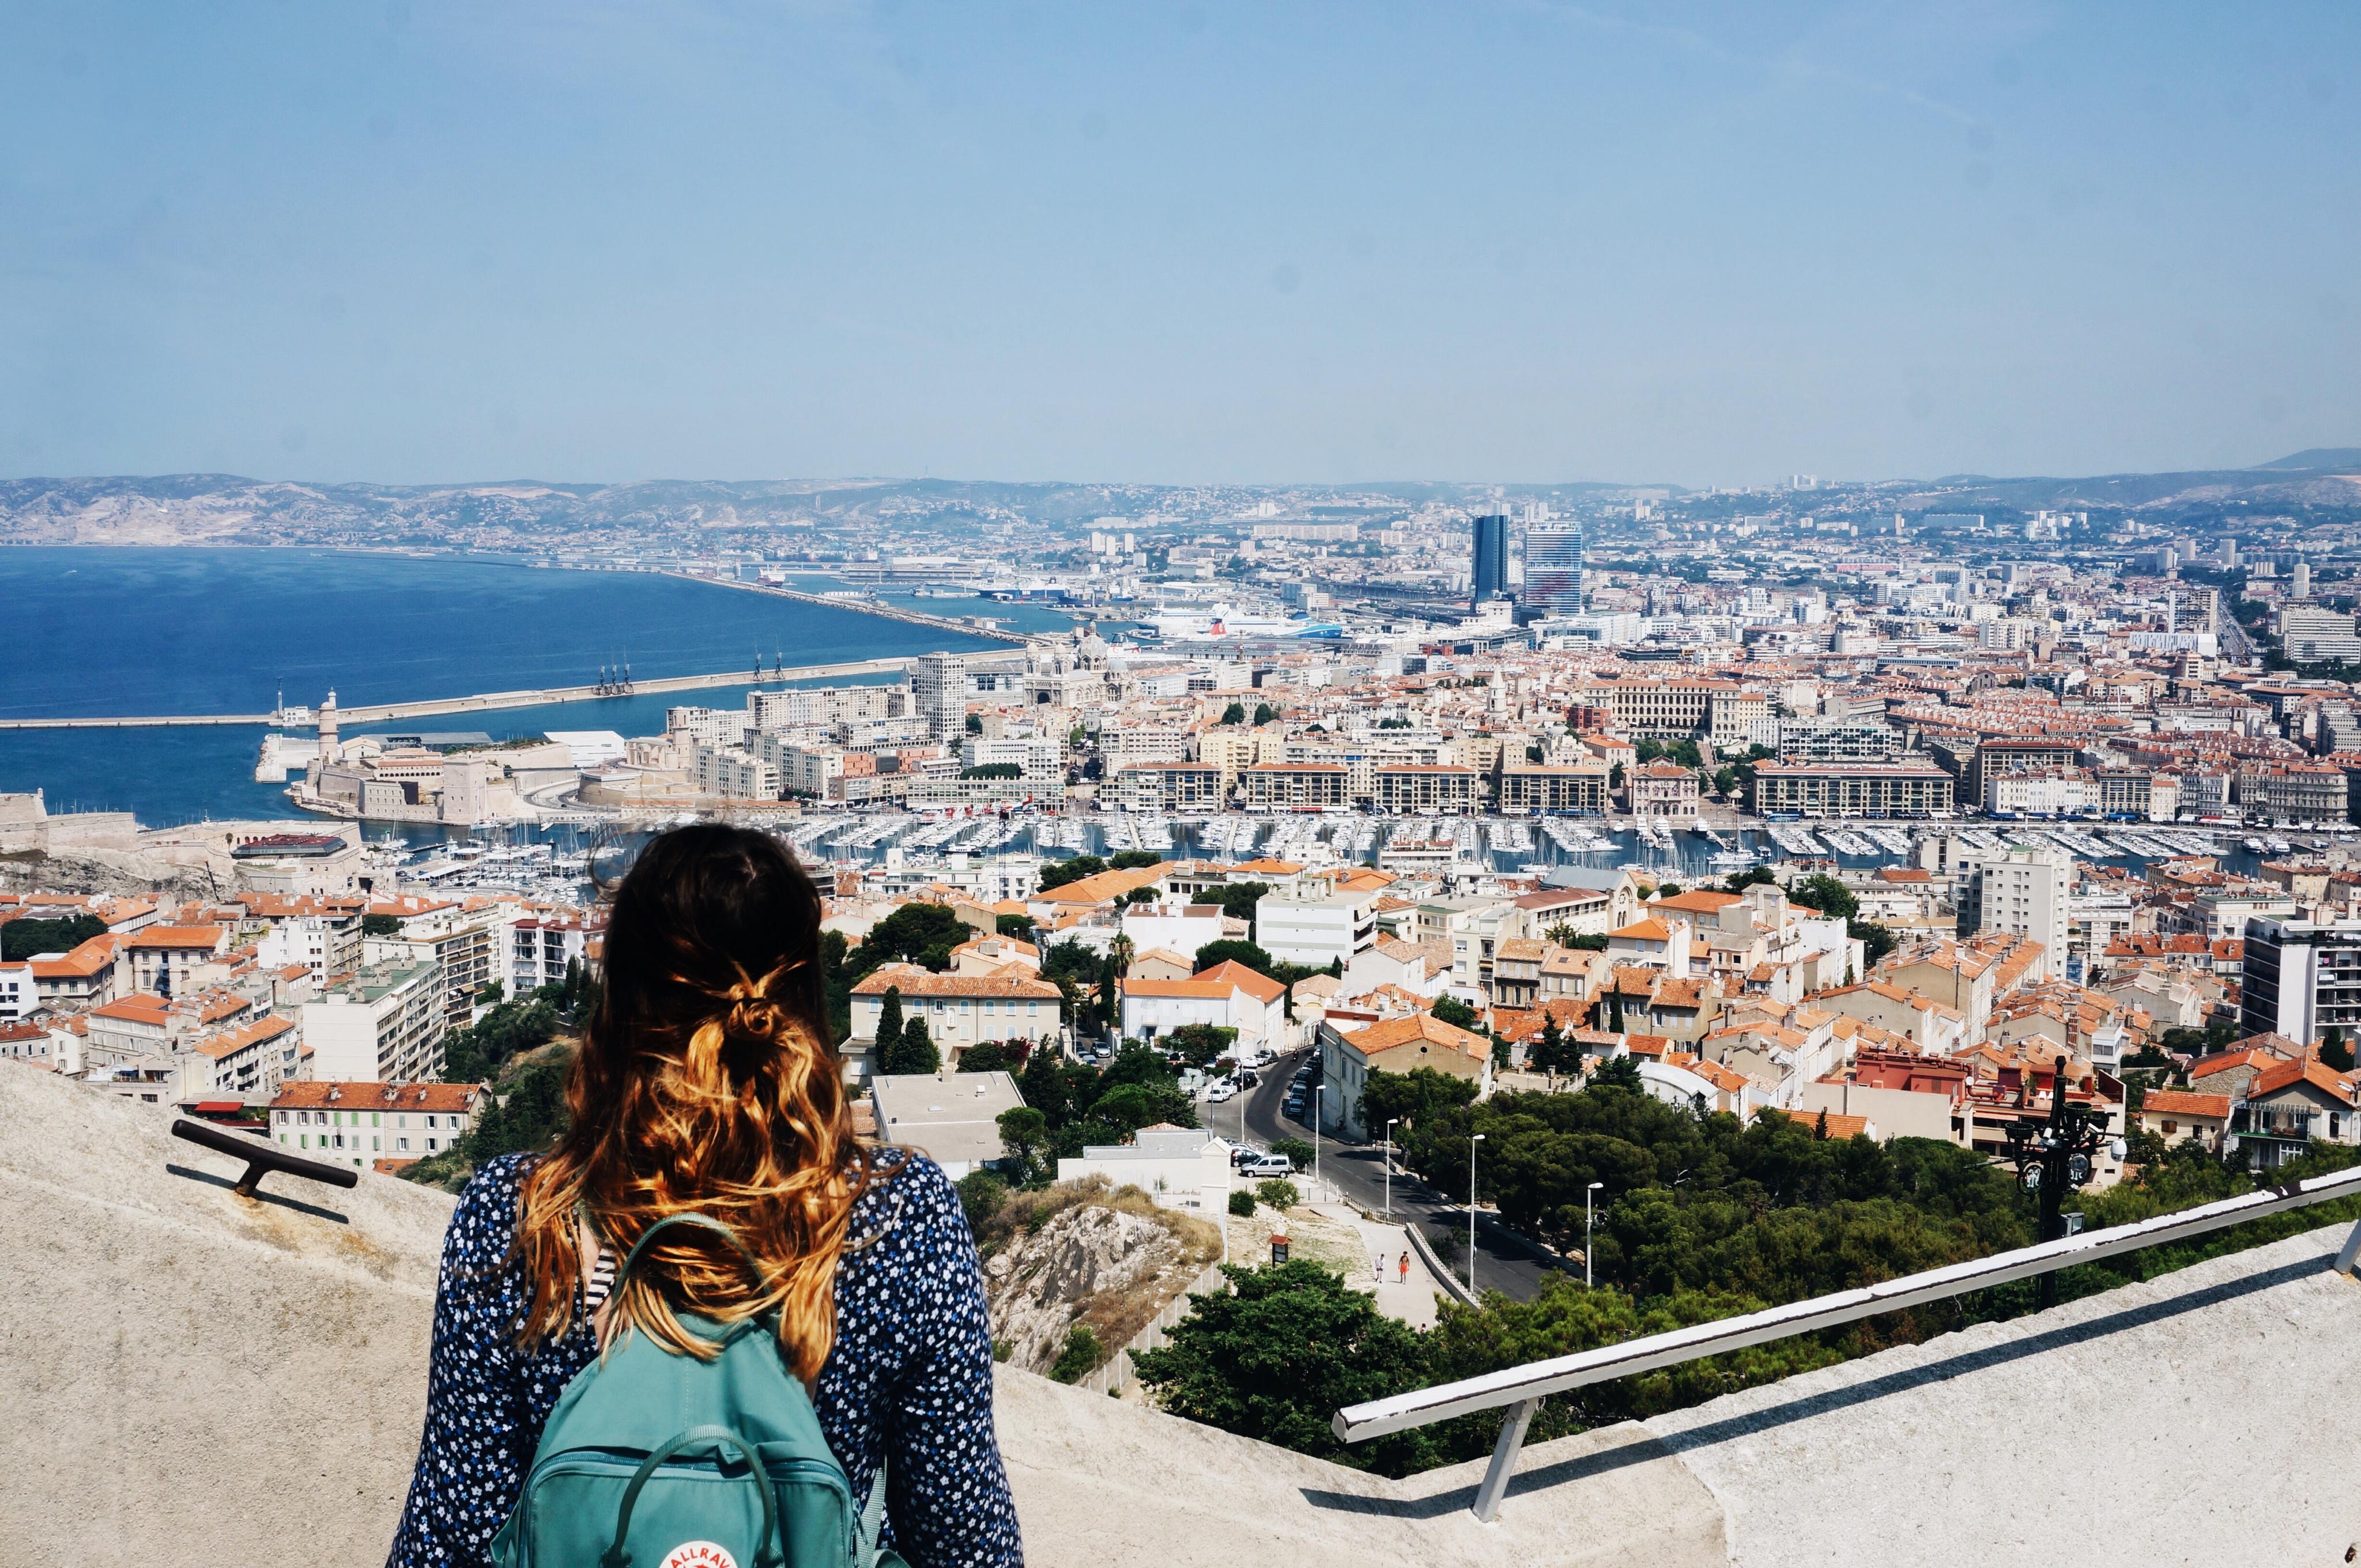 Marseille, Reiseguide, Sehenswürdigkeiten Marseille, Frankreich highlights, schöne Städte in europa